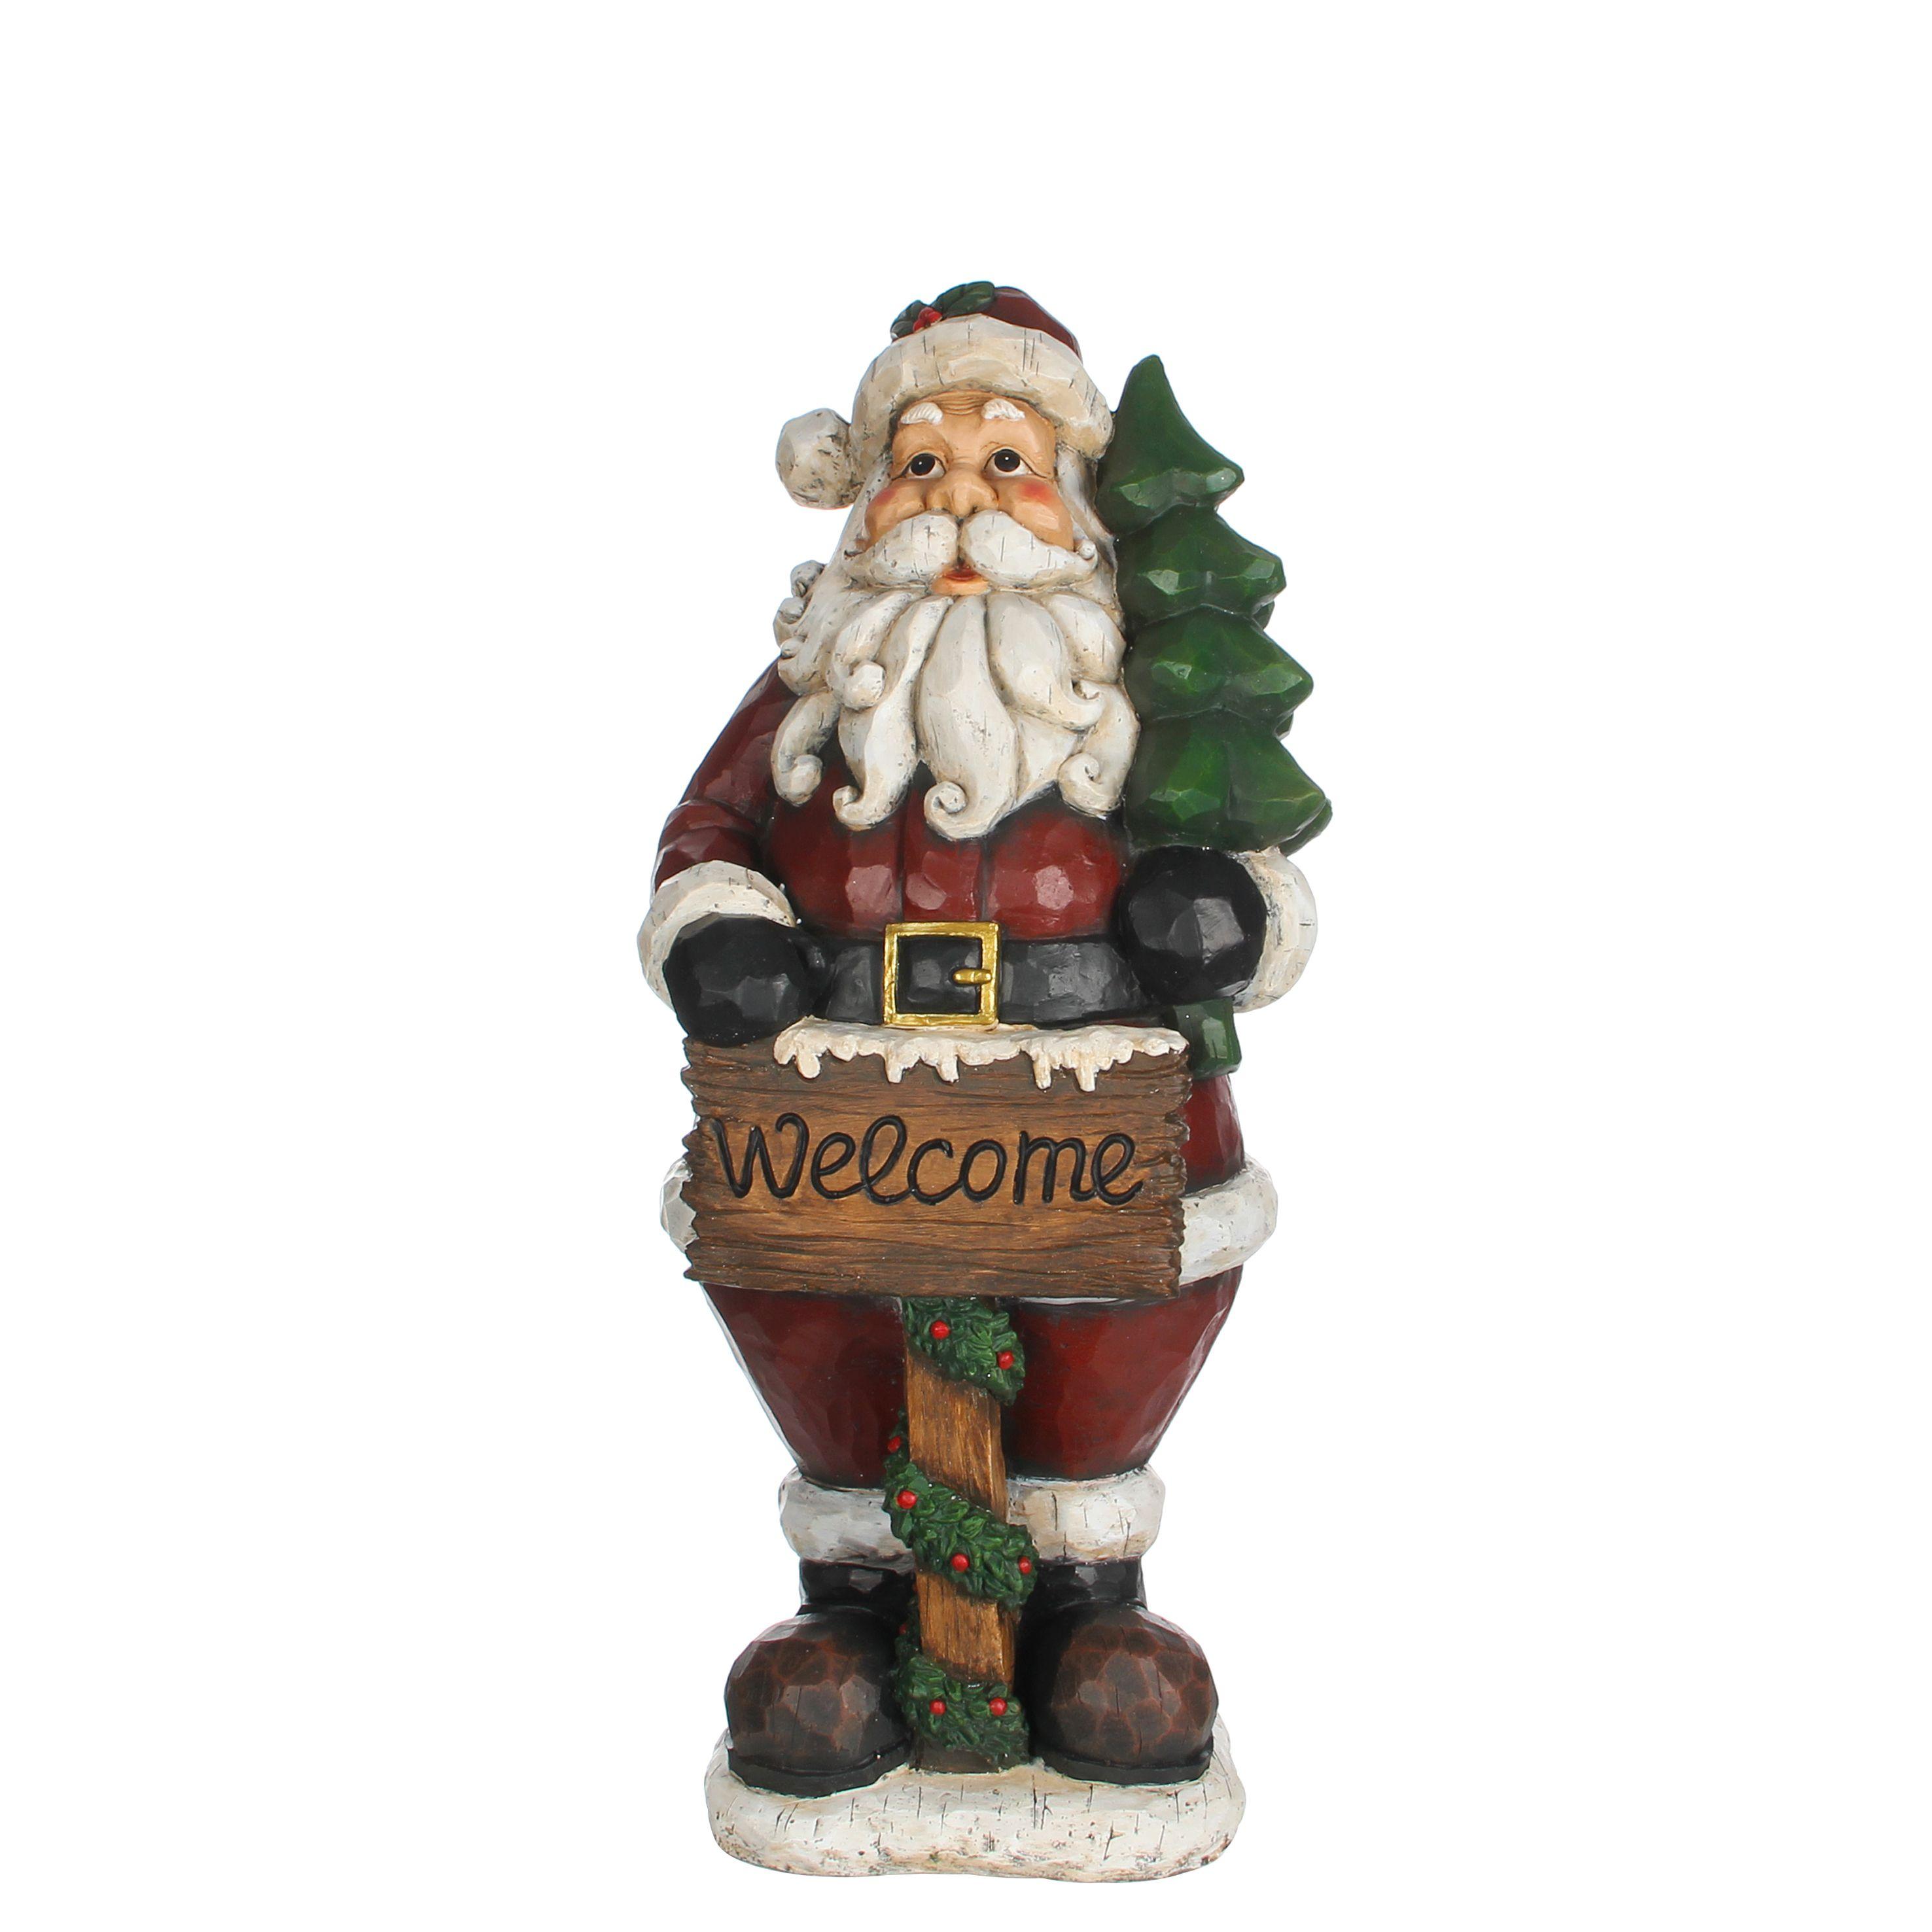 Zet Deze Gezellige Kerstman Bij De Deur Of In De Tuin Om Ook Buiten Een Leuke Kerstsfeer Te Maken Www Kerstwereld Nl Kerstman Decoratie Kerstdecoratie